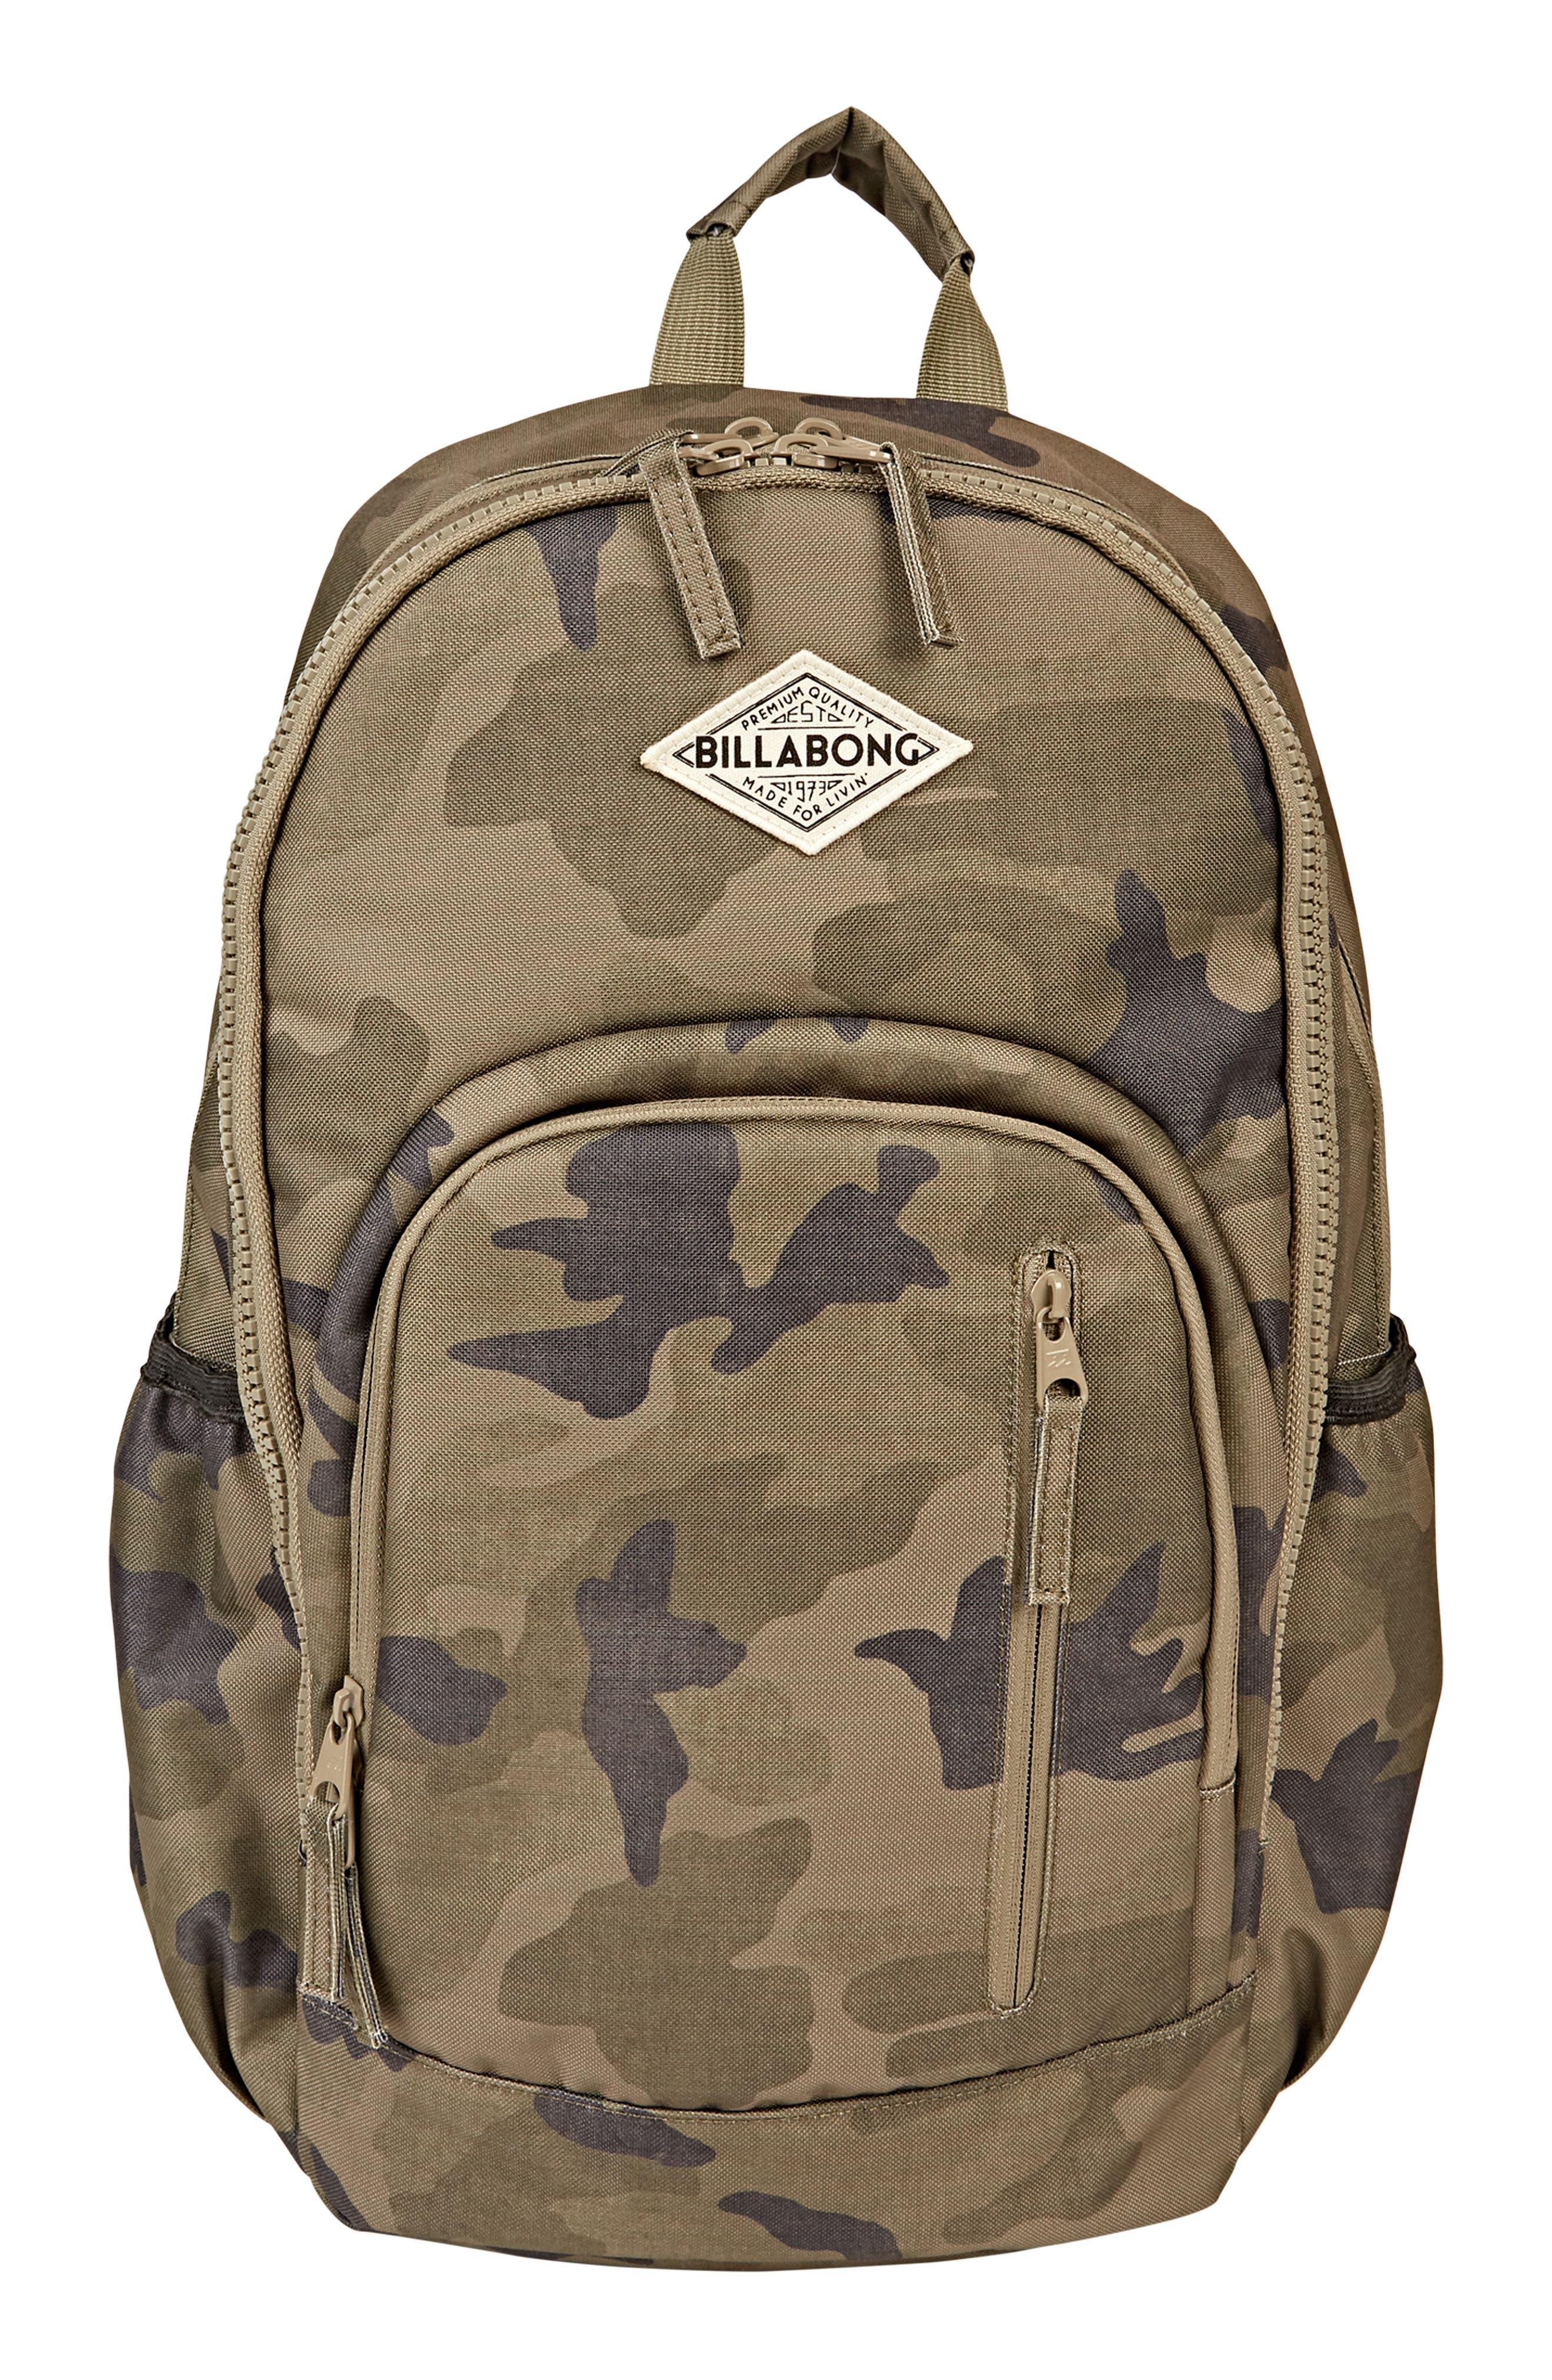 Billabong Roadie Backpack - Green